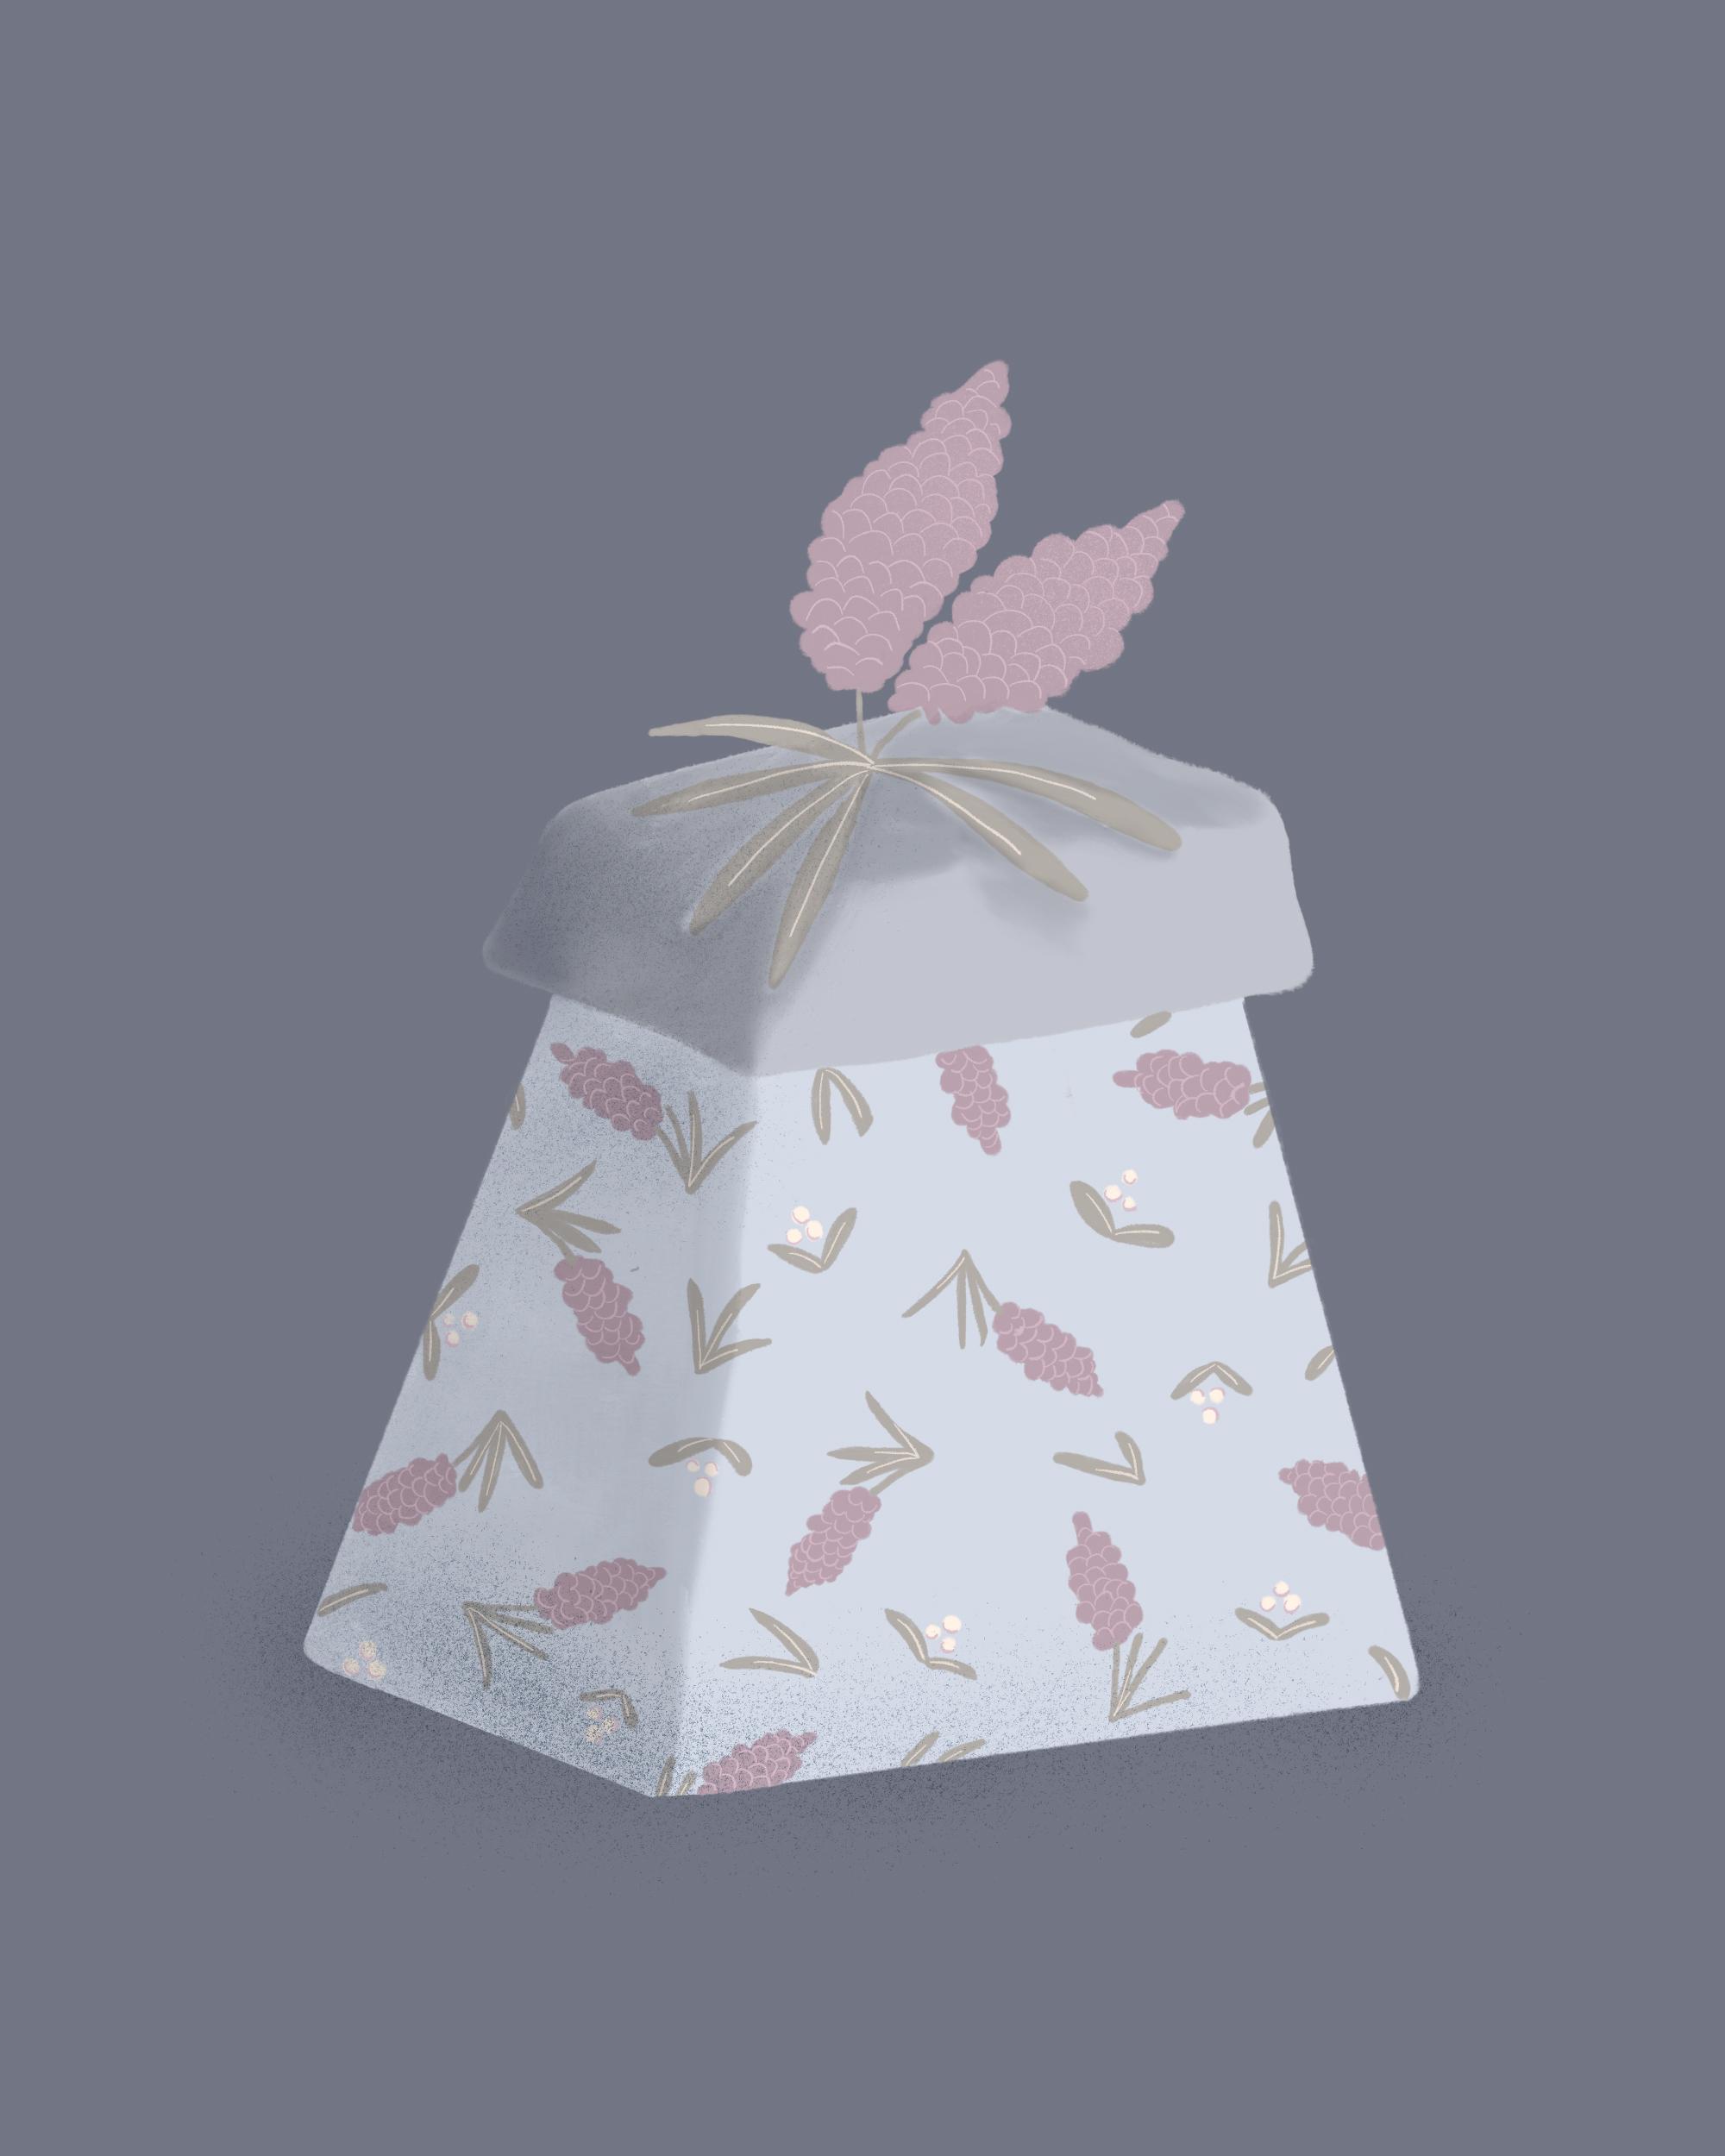 Ring Bearer Gift Guide, Illustrated Gift Box